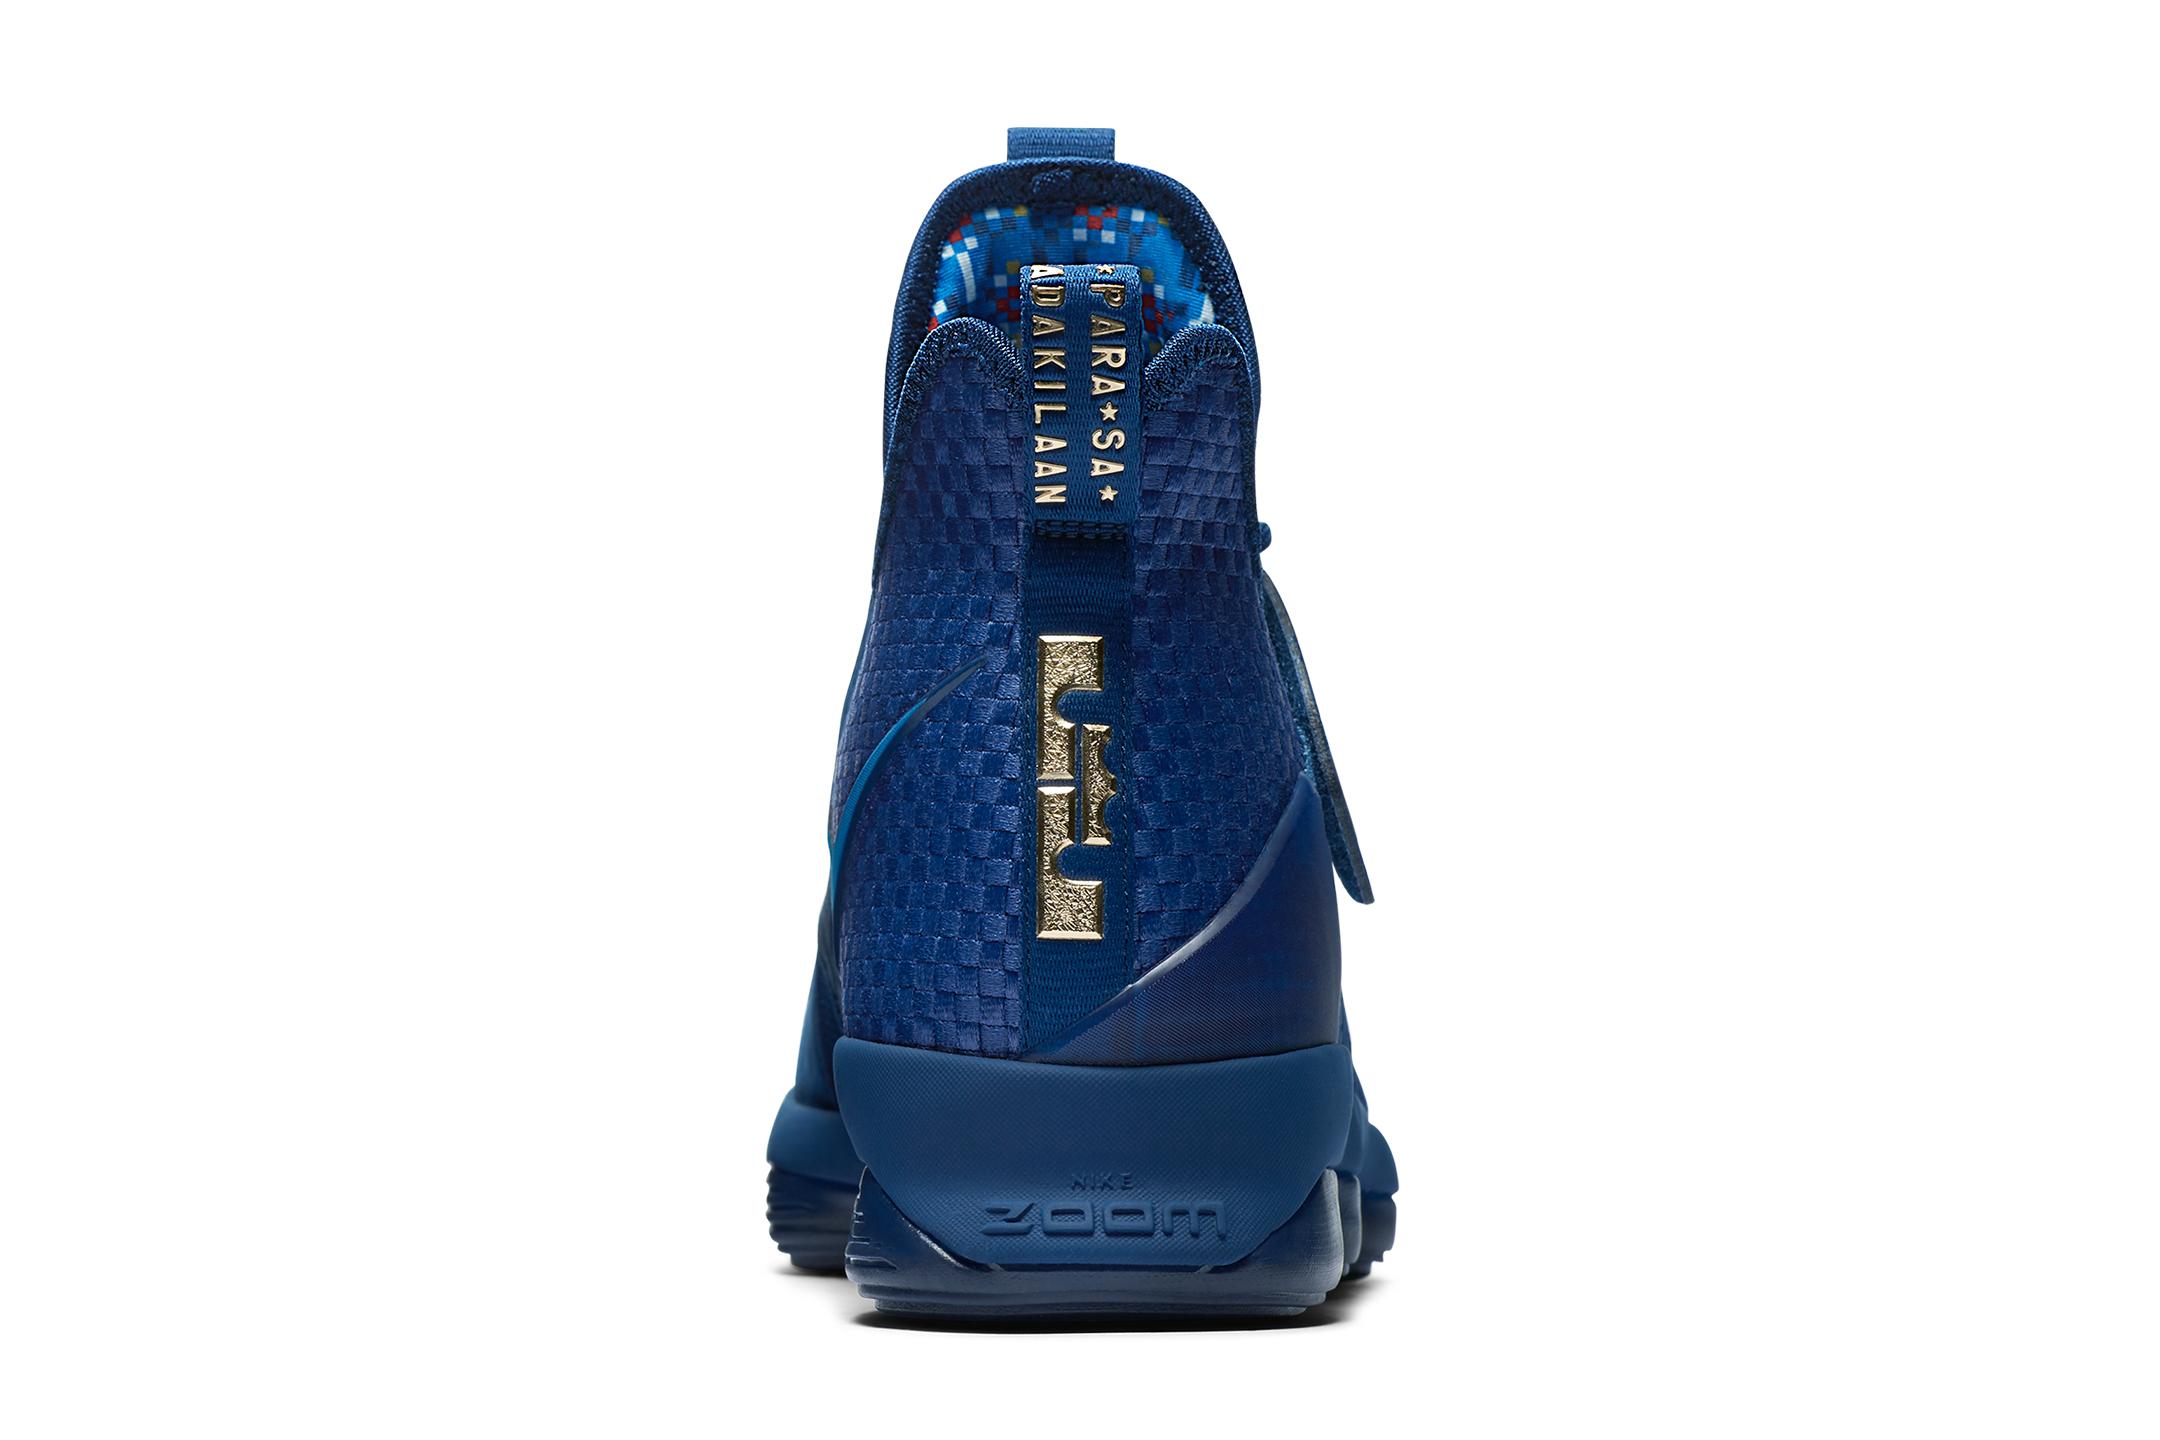 newest 96408 1f96e ... coastal blue white star blue copuon code 01f2a 8f8cc  wholesale nike  lebron 14 agimat u.s. release date 3m 852402 400 nike lebron 14 agimat gilas